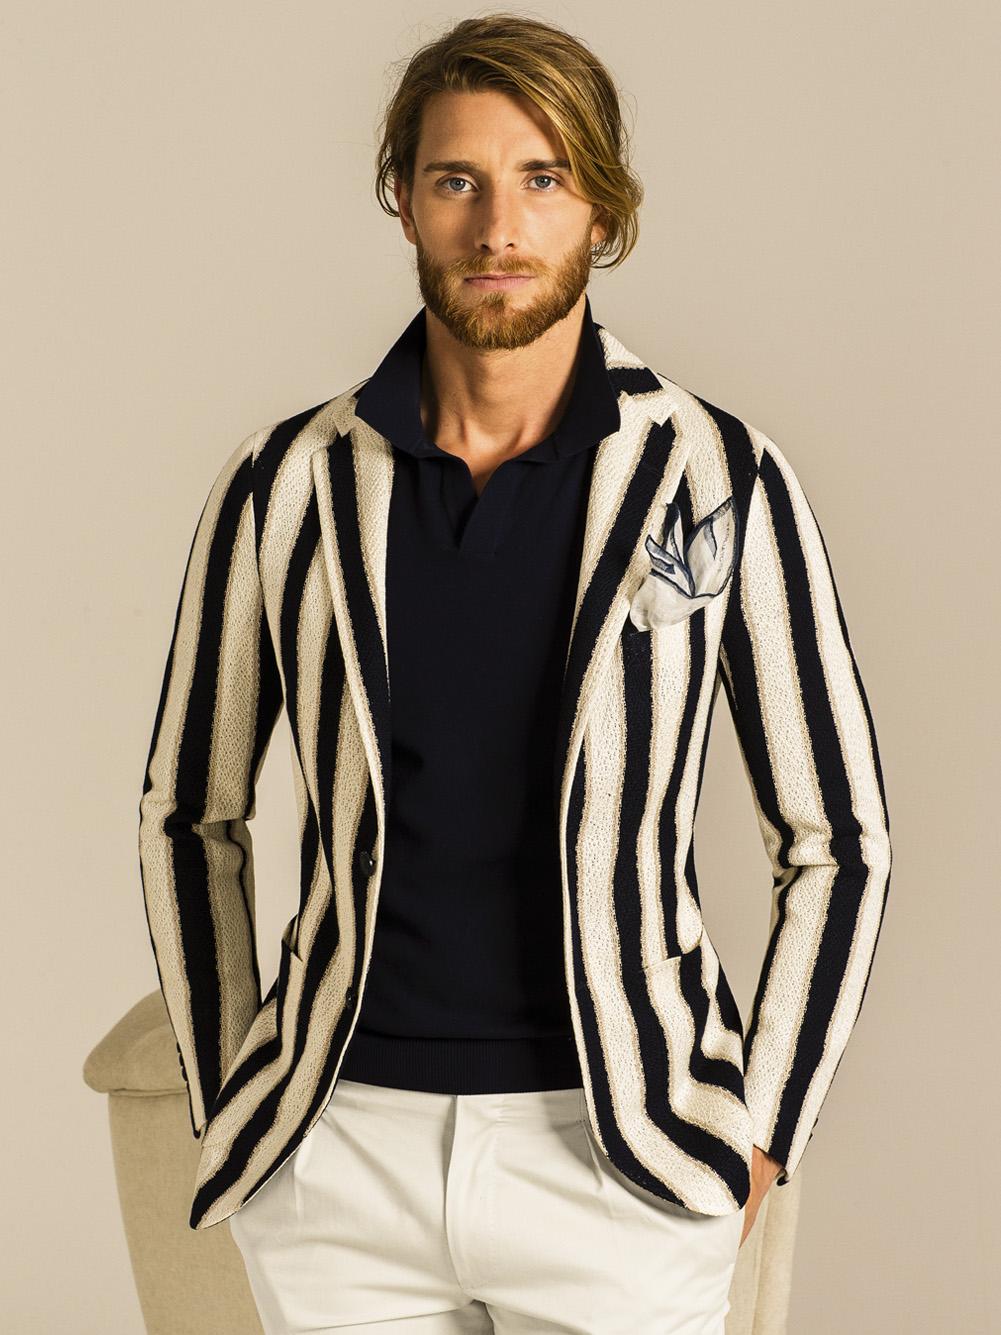 Torino torino estate Tagliatore giacca a primavera Abbigliamento righe wHawpPRqS